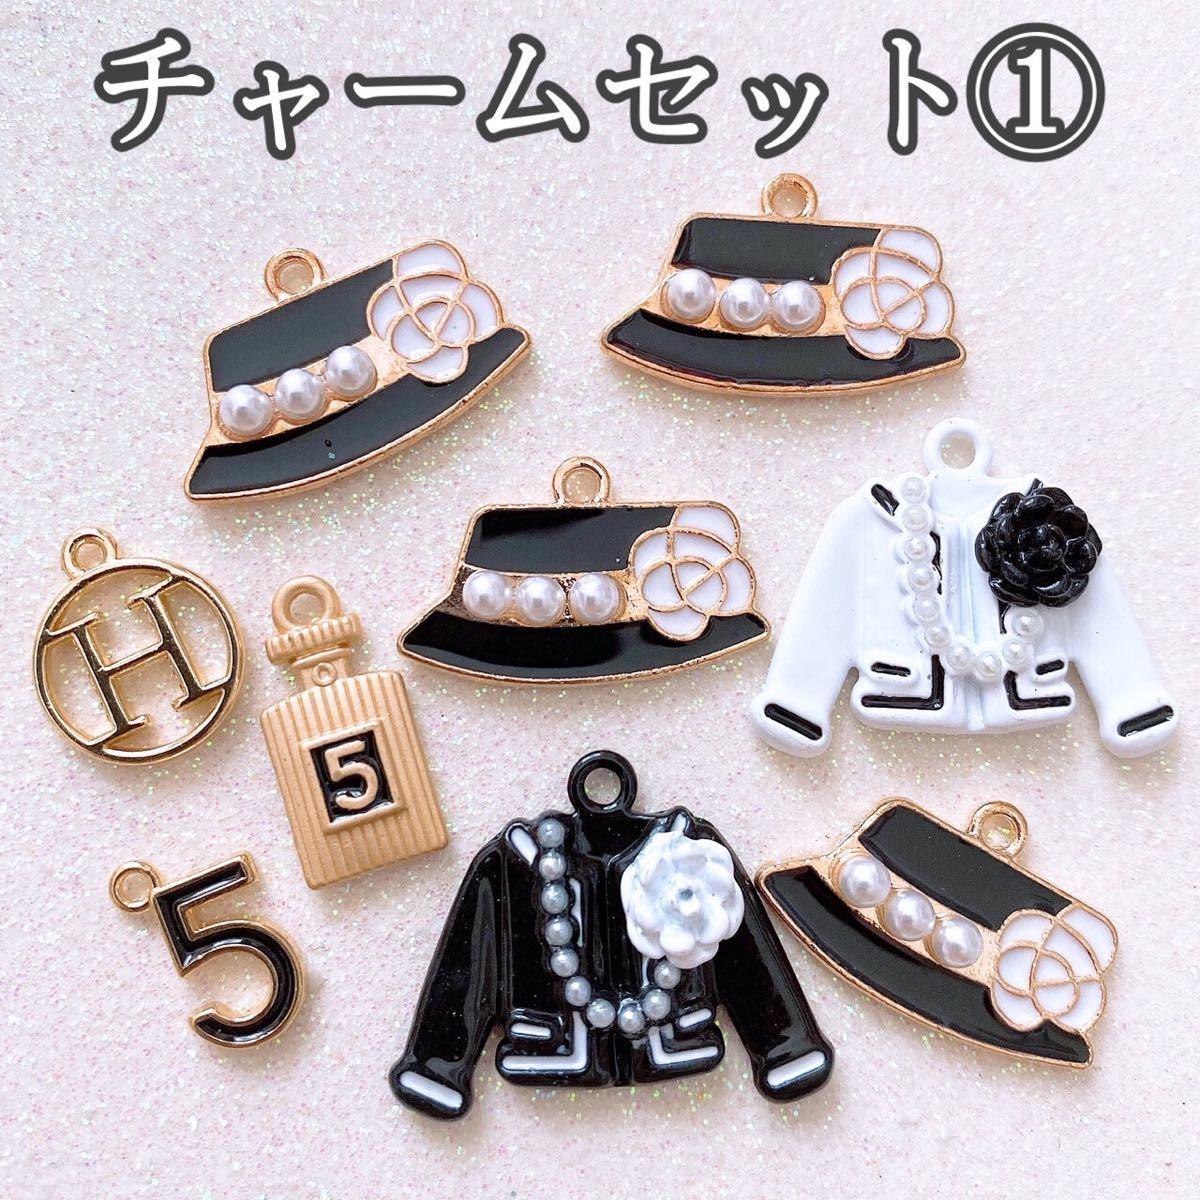 ☆デコパーツ☆ チャームセット1 限定1セット 5番チャーム ココチャーム